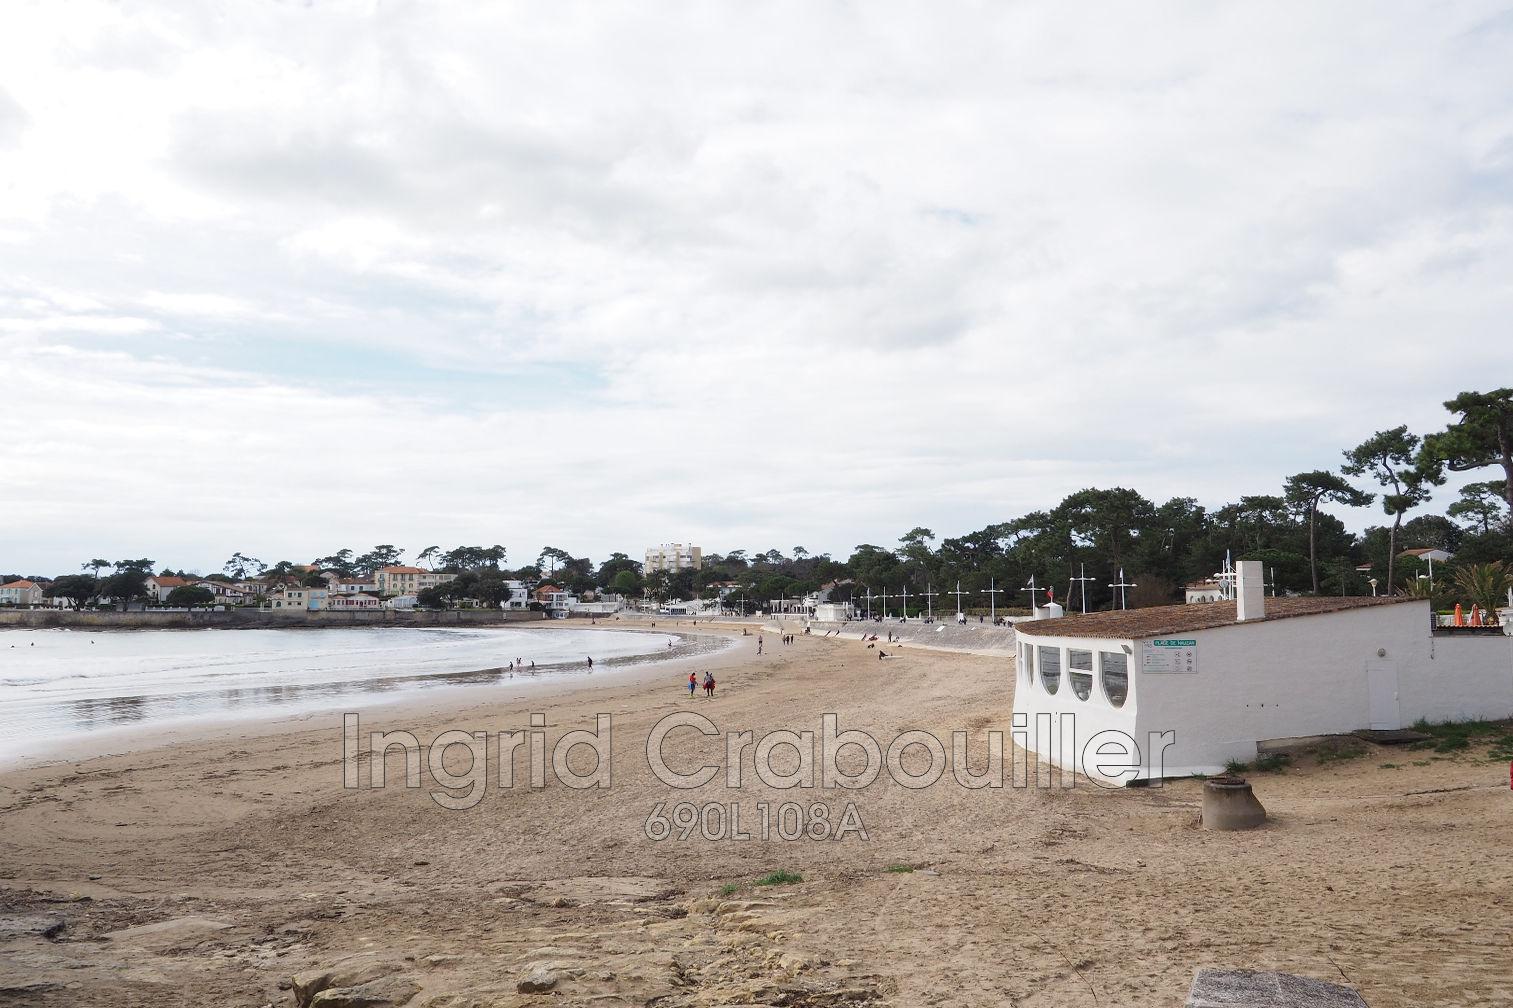 Location saisonnière appartement Vaux-sur-Mer - réf. 690L108A